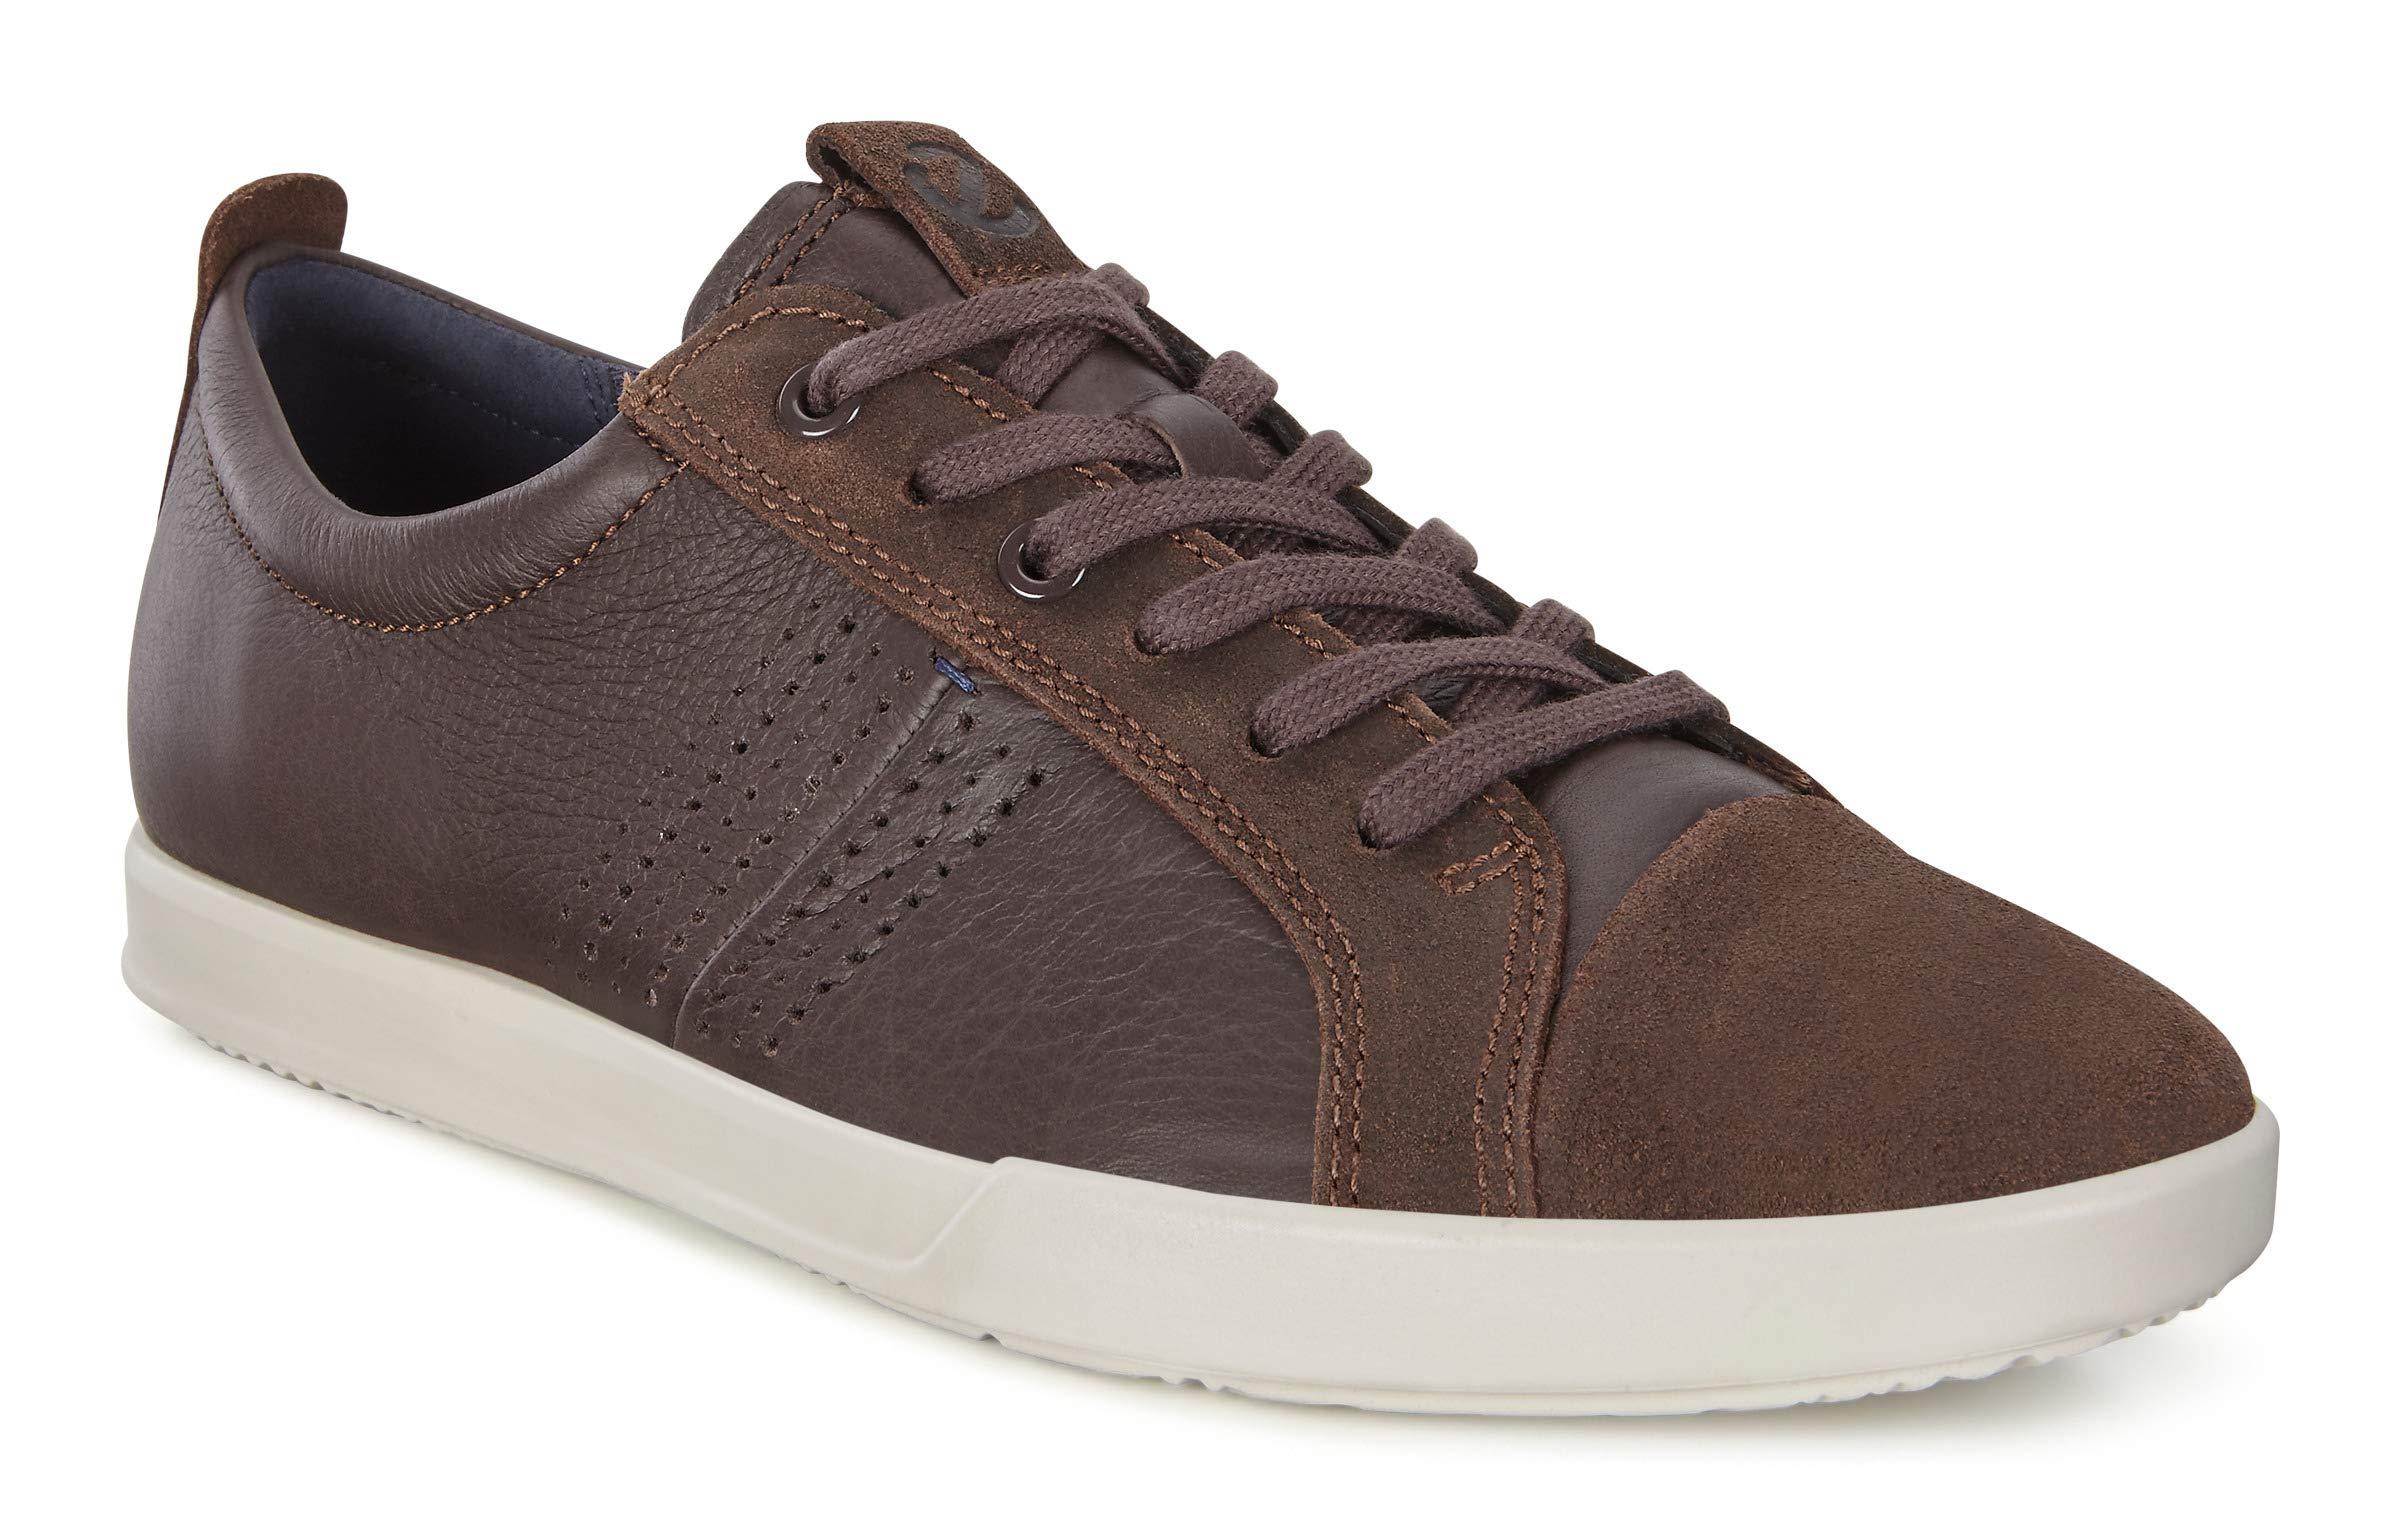 ECCO Collin Sneaker Coffee 12 12 5